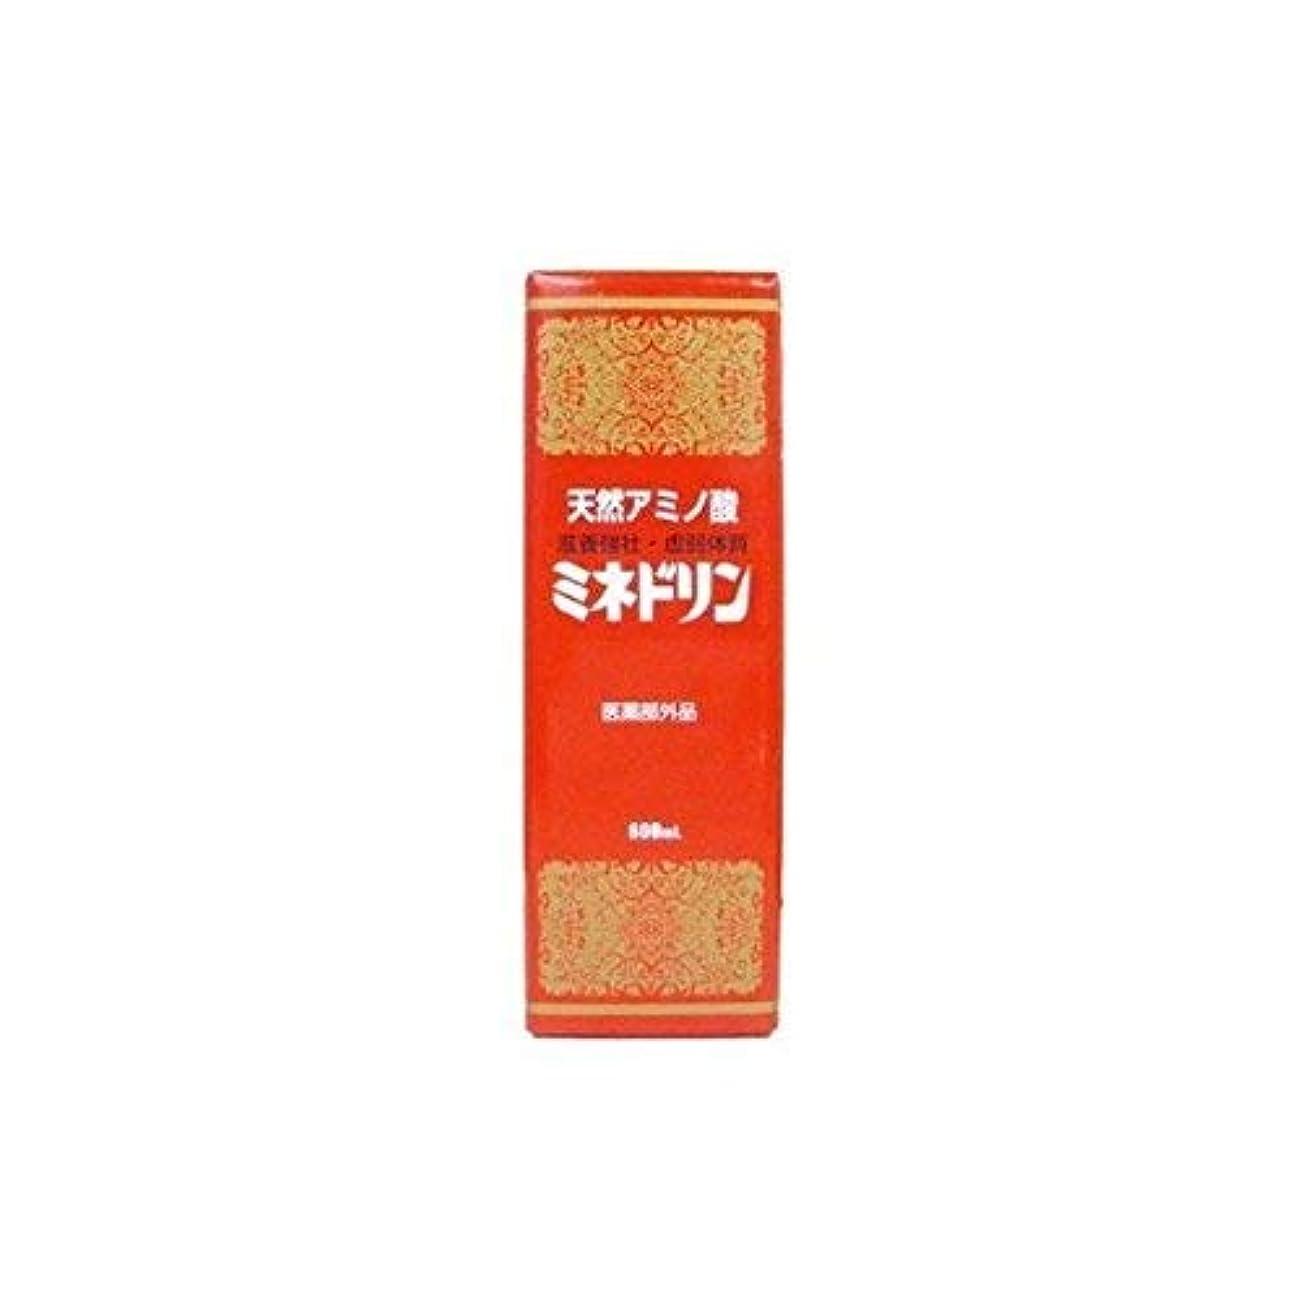 自発のみマリナー伊丹製薬 ミネドリン 600ml ×12本